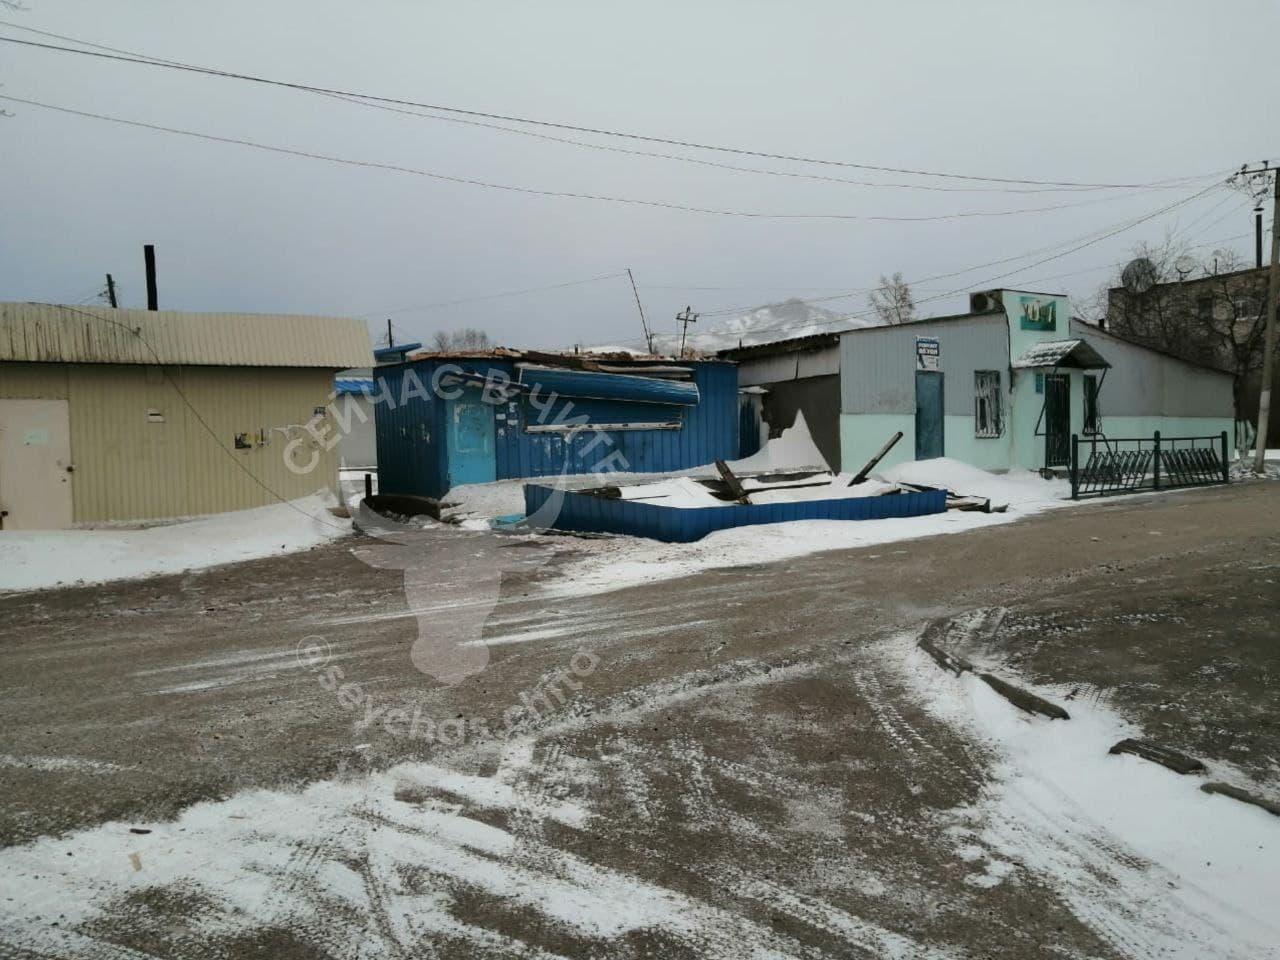 Губернатор Забайкалья поручил соответствующим службам в кратчайшие сроки восстановить электроснабжение в районах края, пропавшее из-за штормового ветра